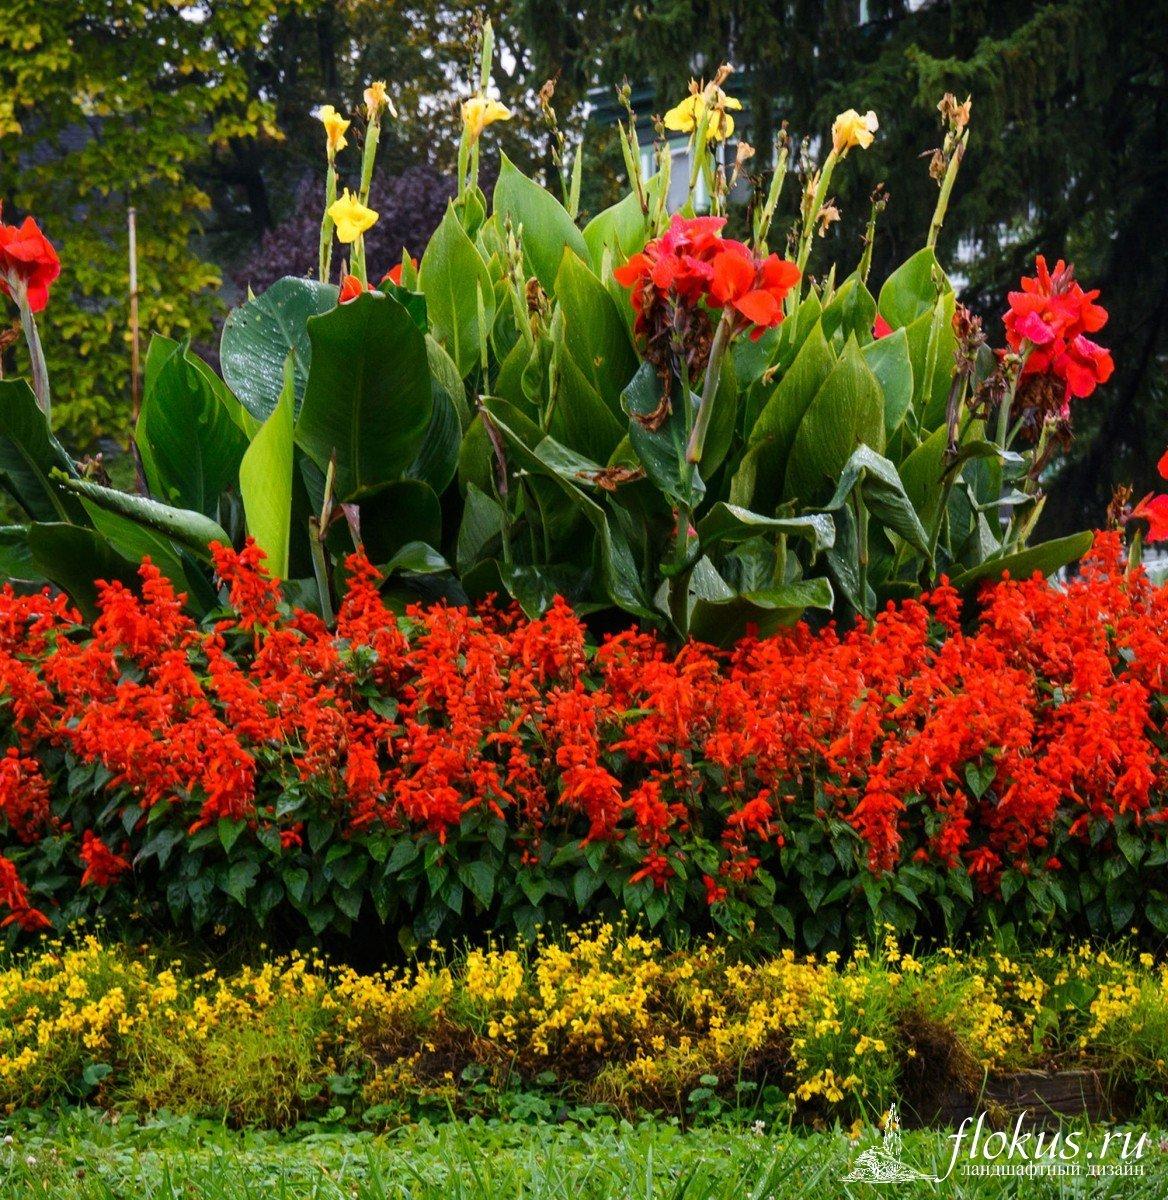 цветы на клумбе цветущие фото печатаем собственных тканях